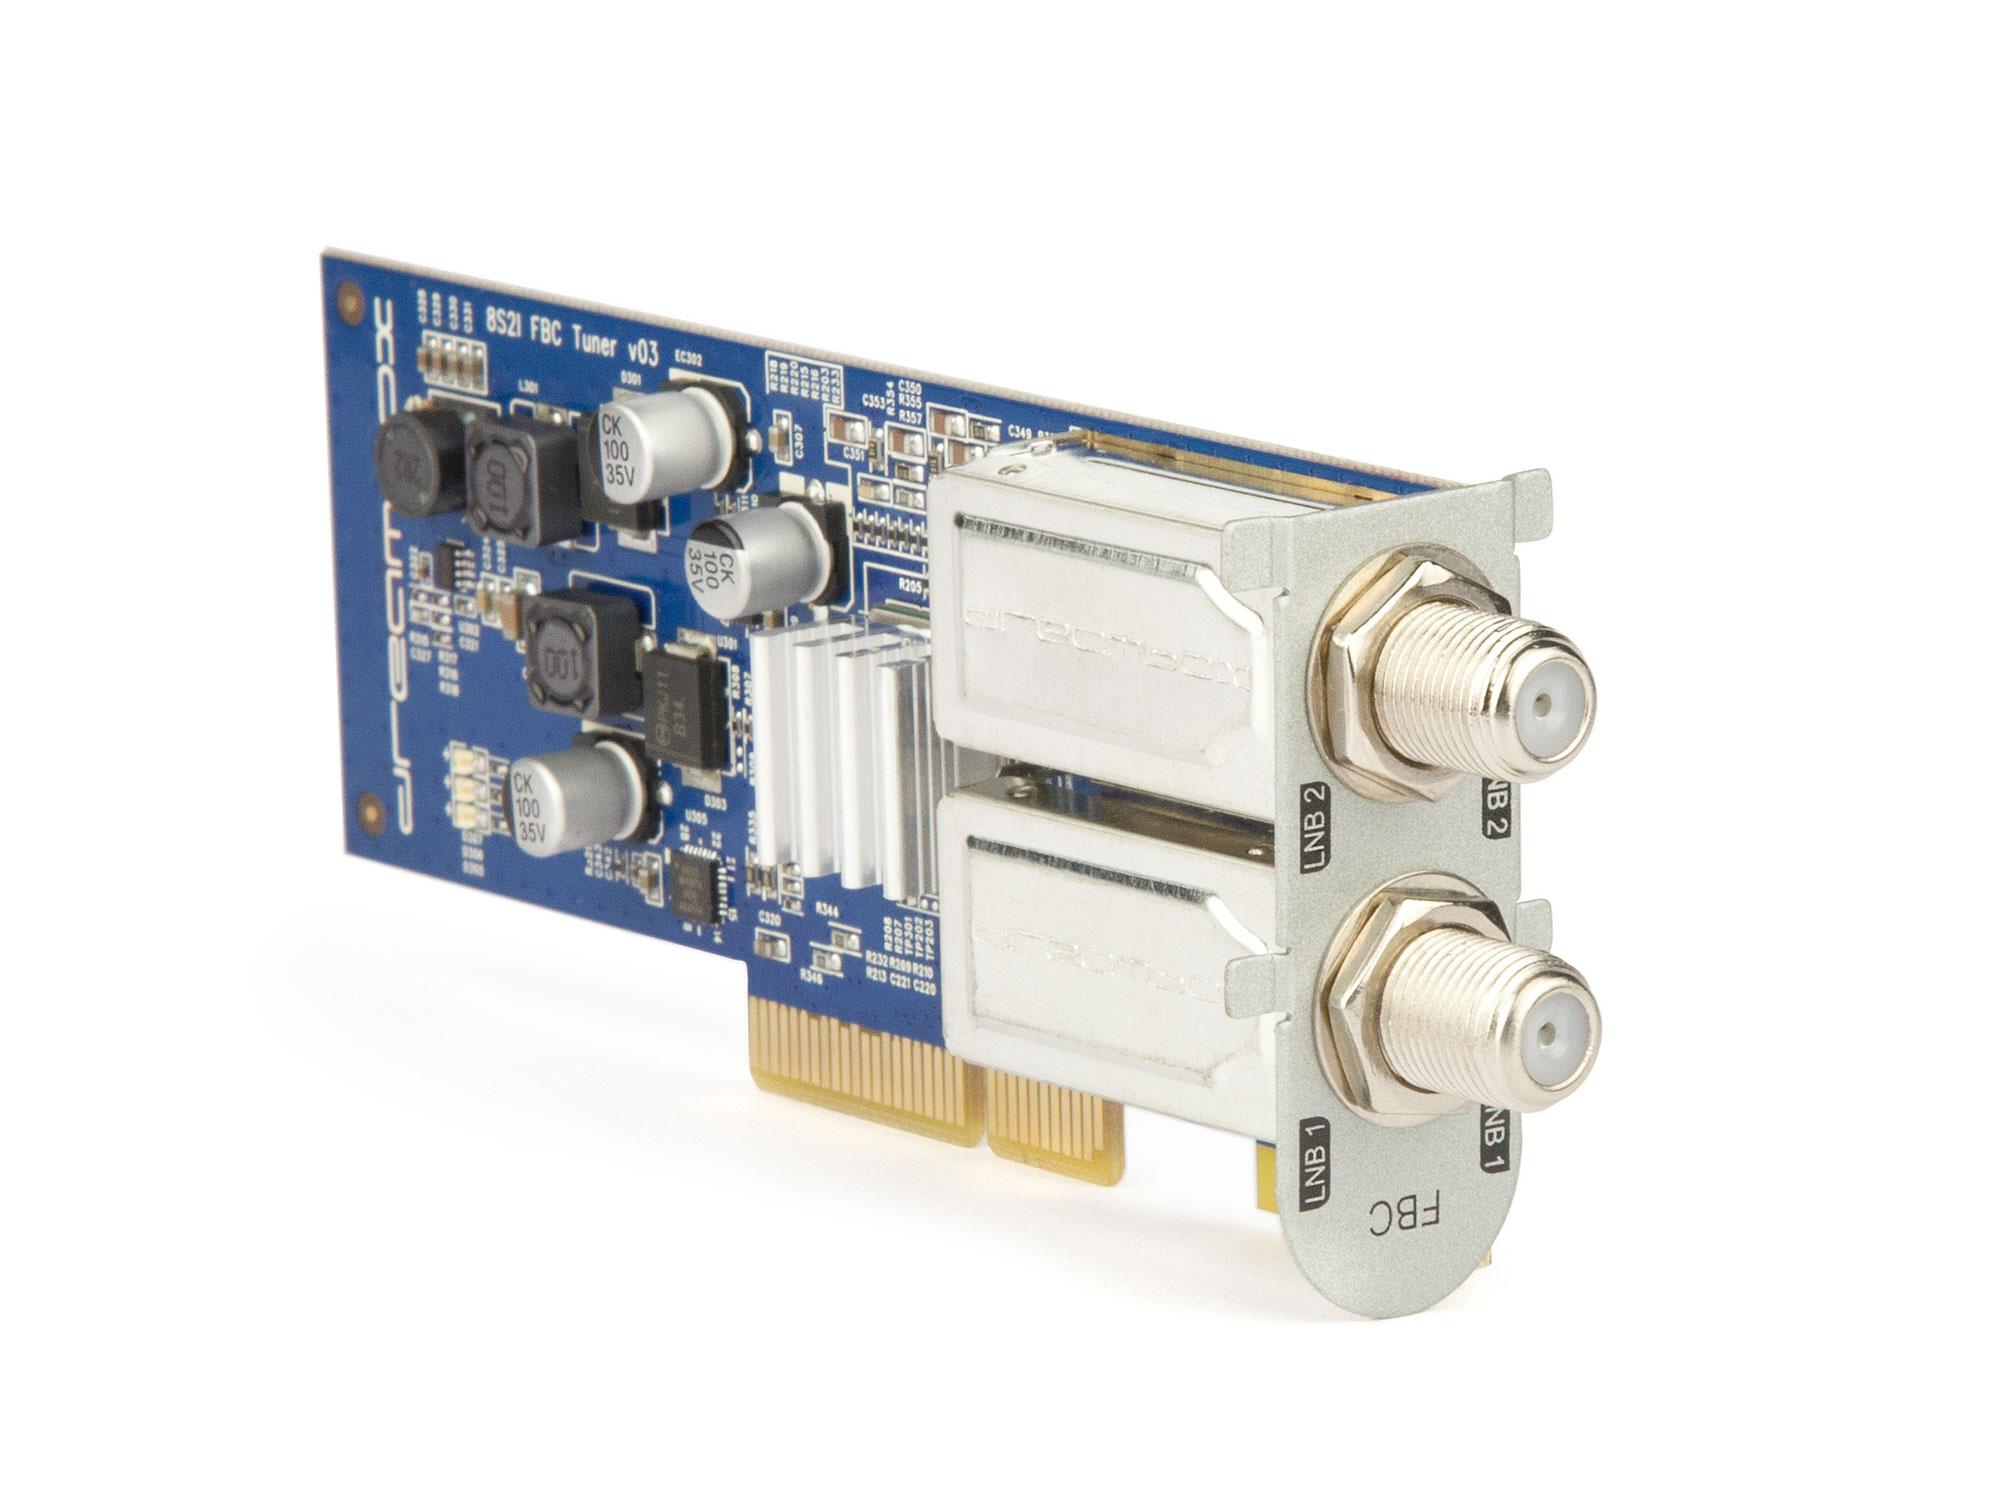 Dreambox DM900 FBC Twin tuner